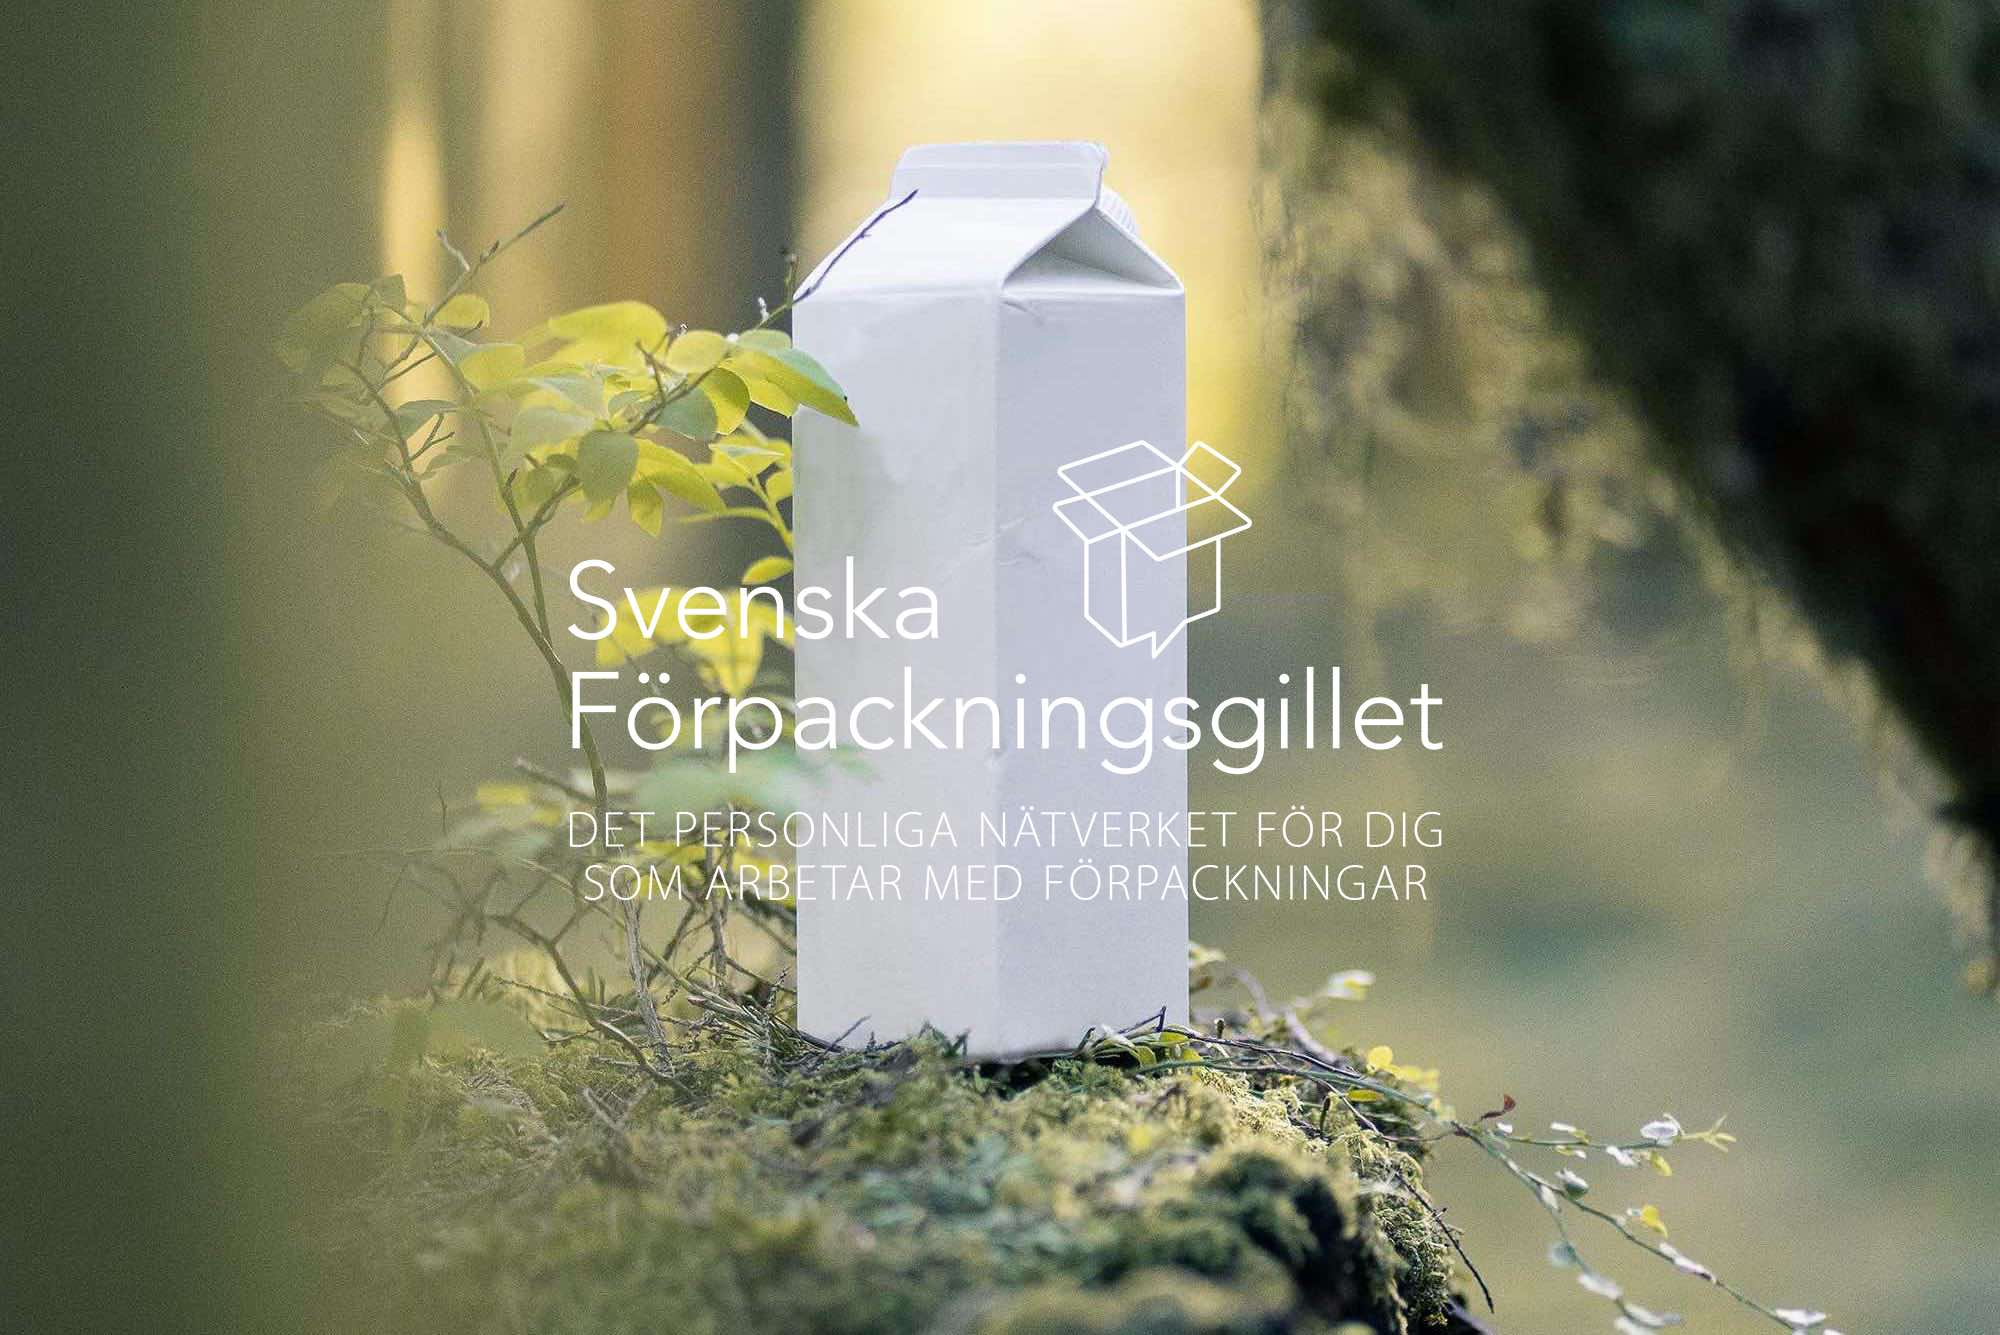 Svenska förpackningsgillet